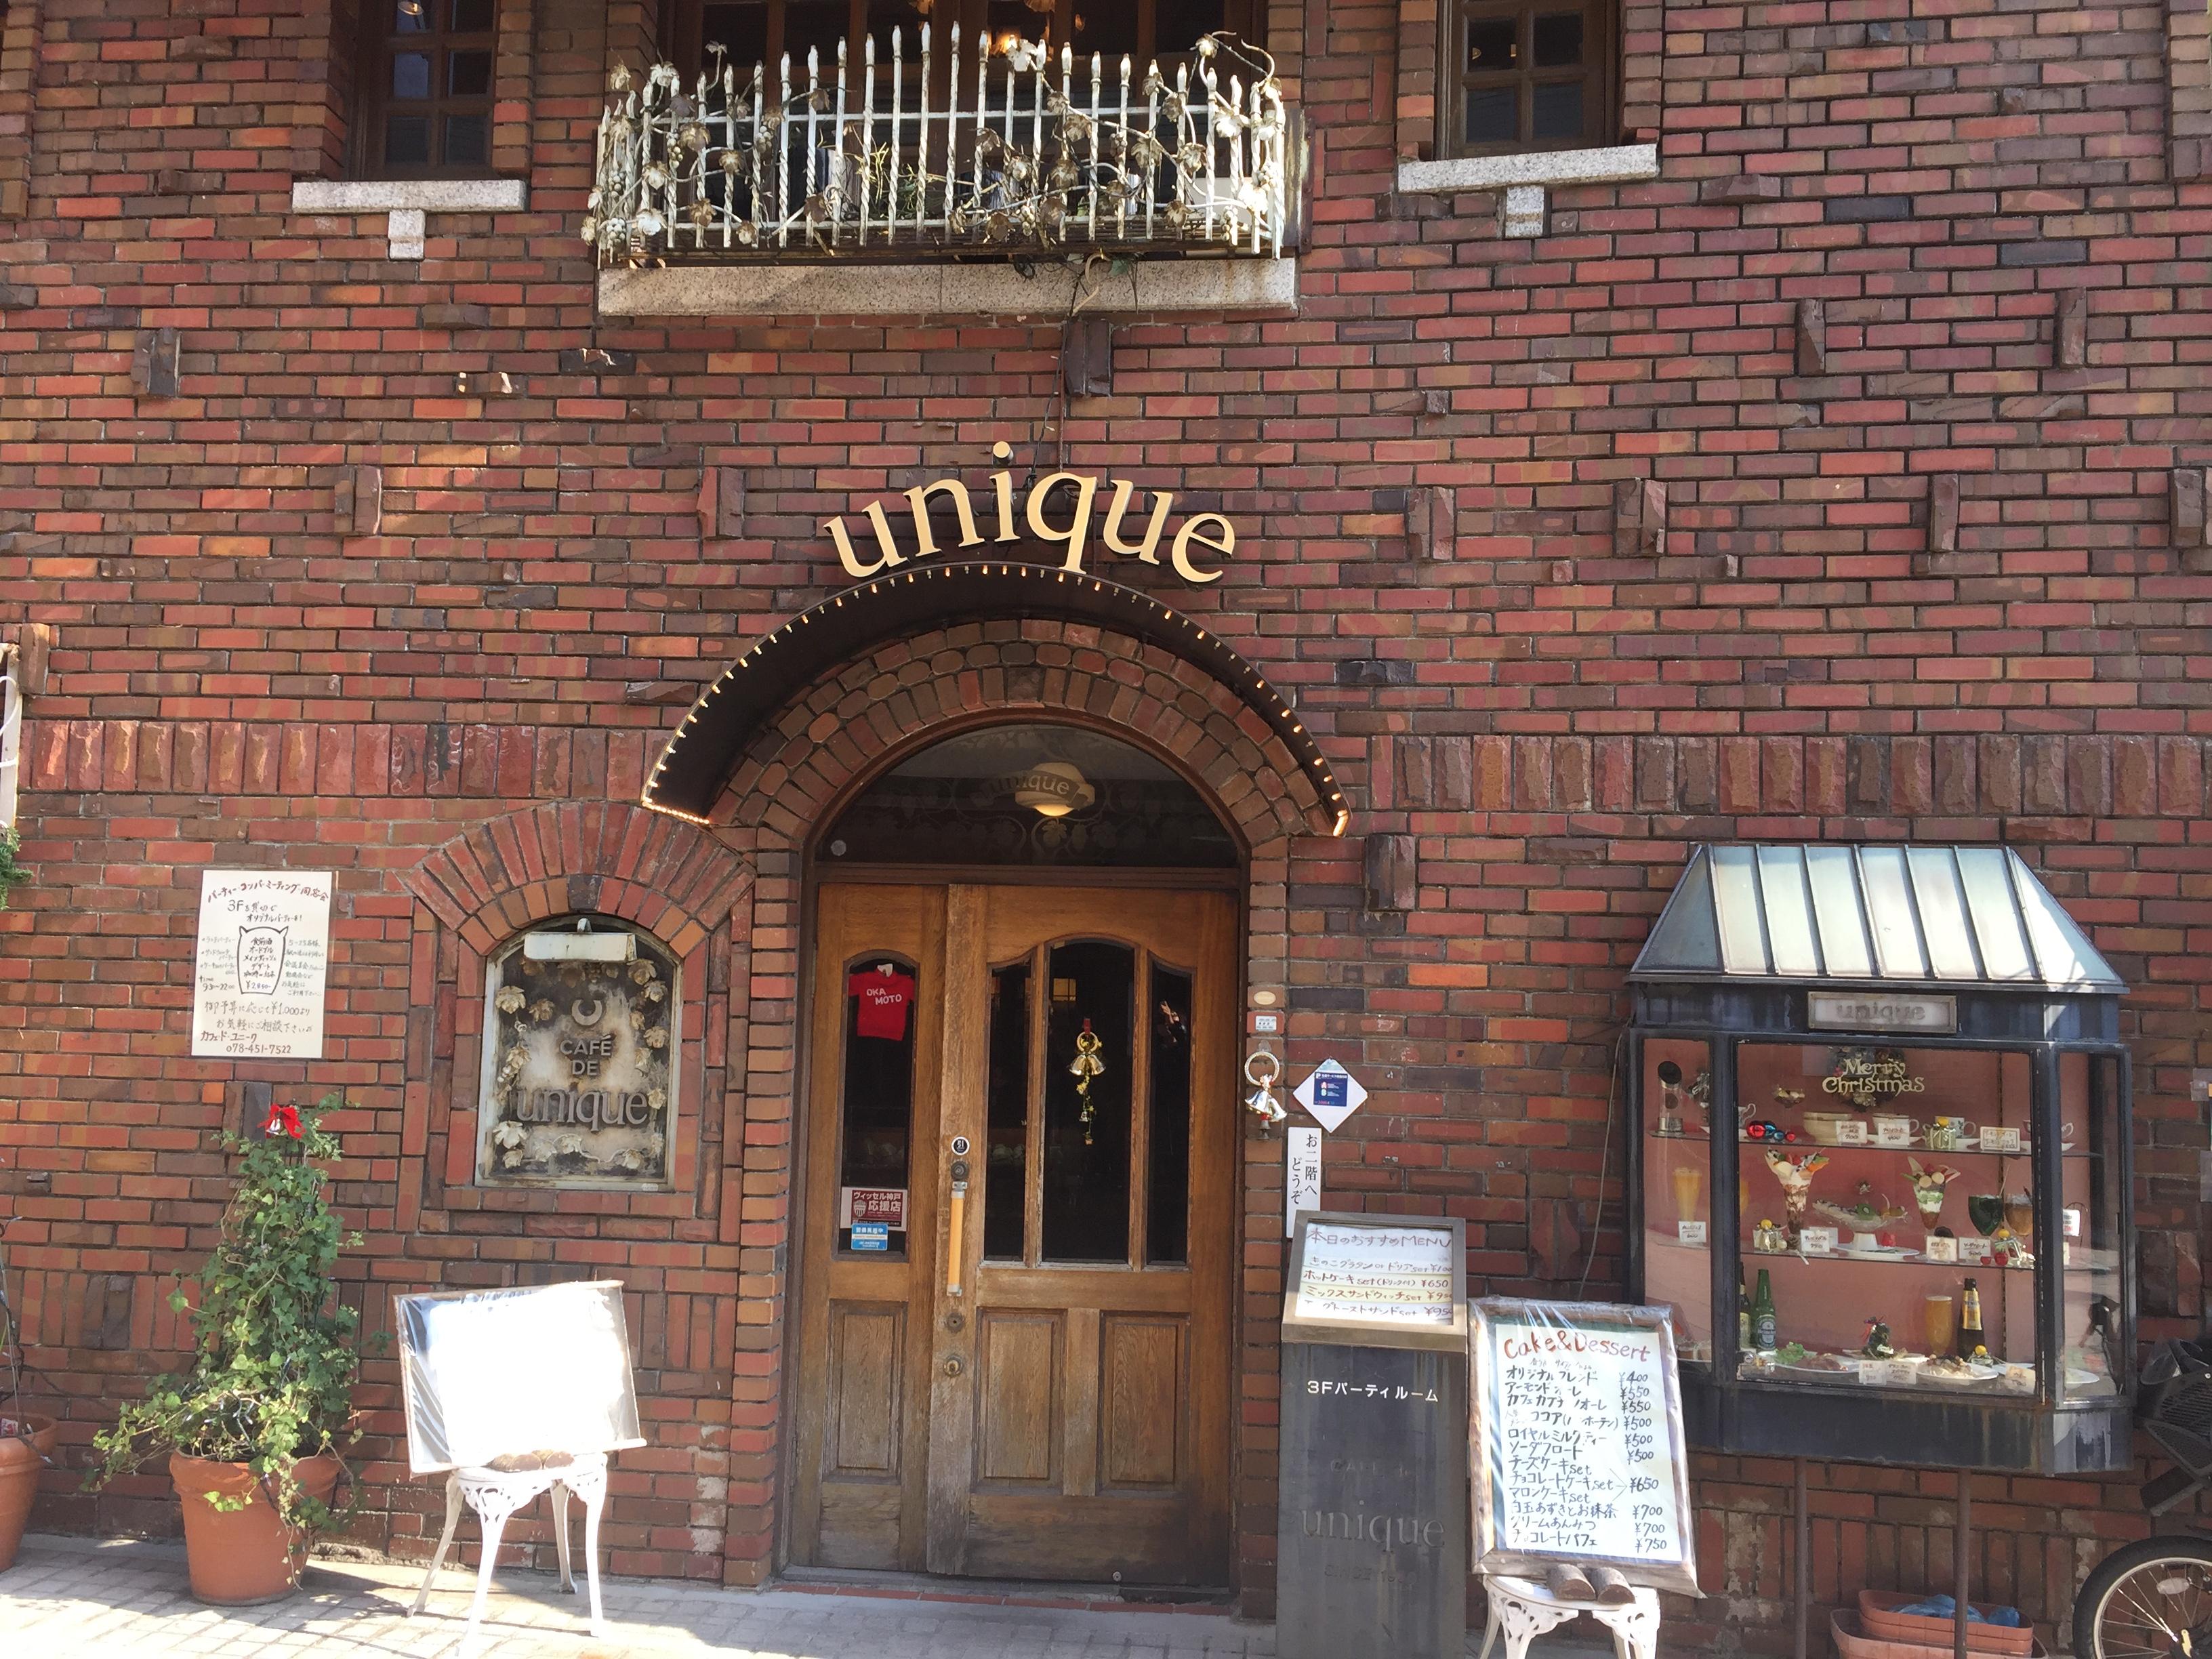 神戸・岡本の喫茶店「カフェ・ド・ユニーク」のランチは洋食らしさが満載だよ【ちょっといい店渋い店】